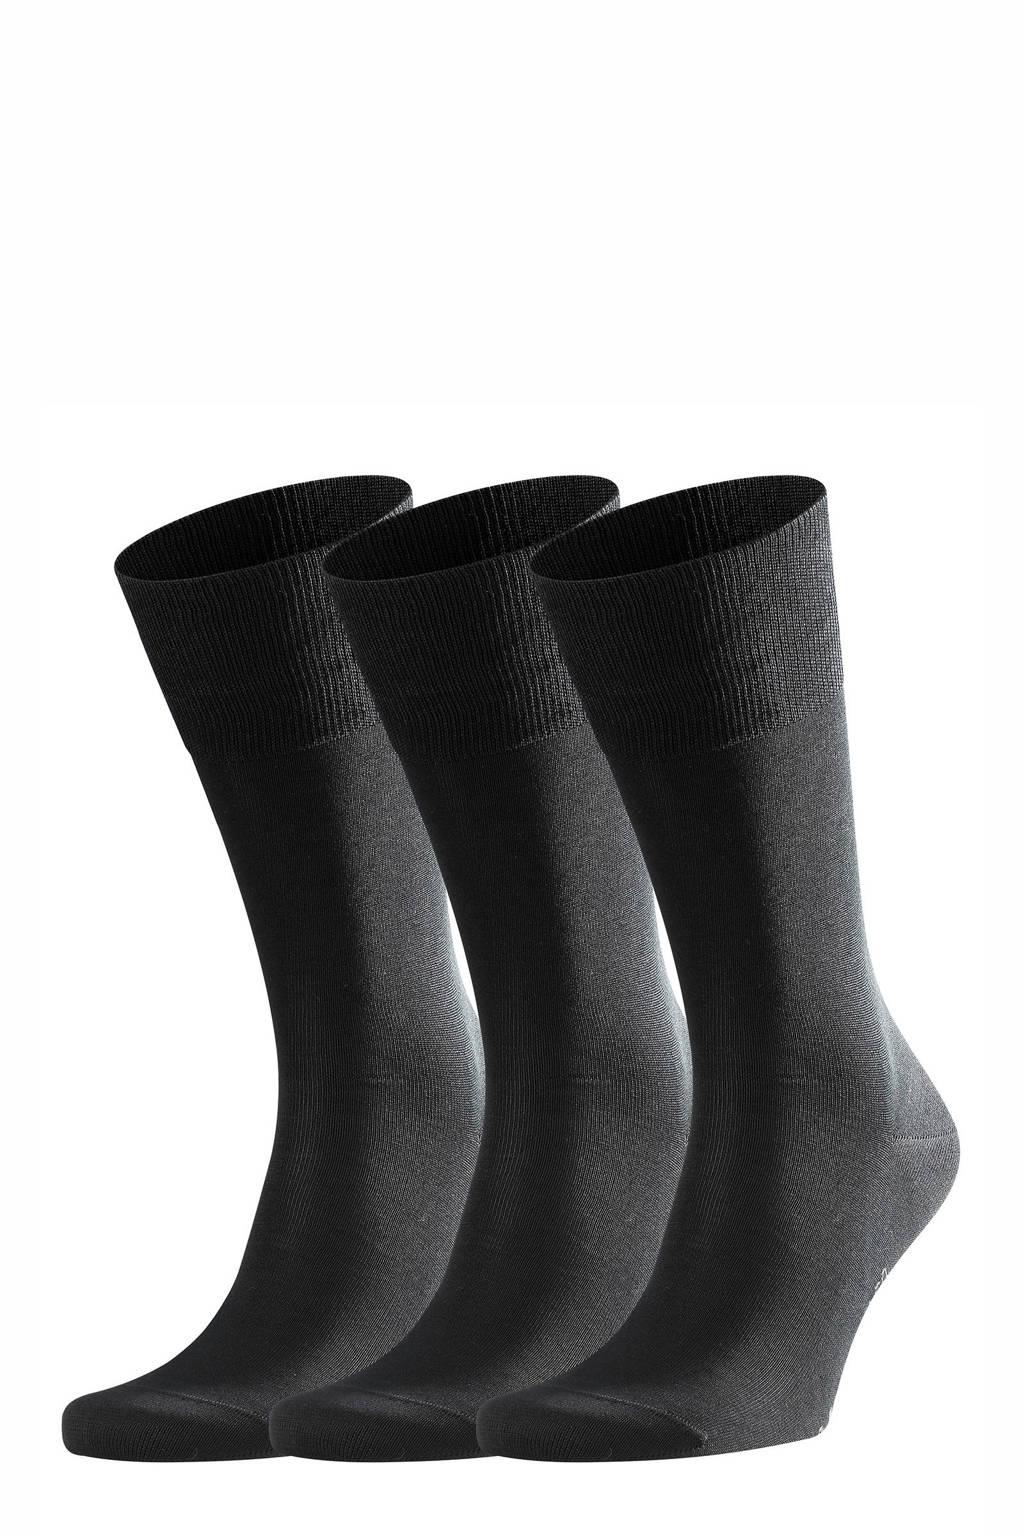 FALKE Tiago Bundle sokken - set van 3 zwart, Zwart